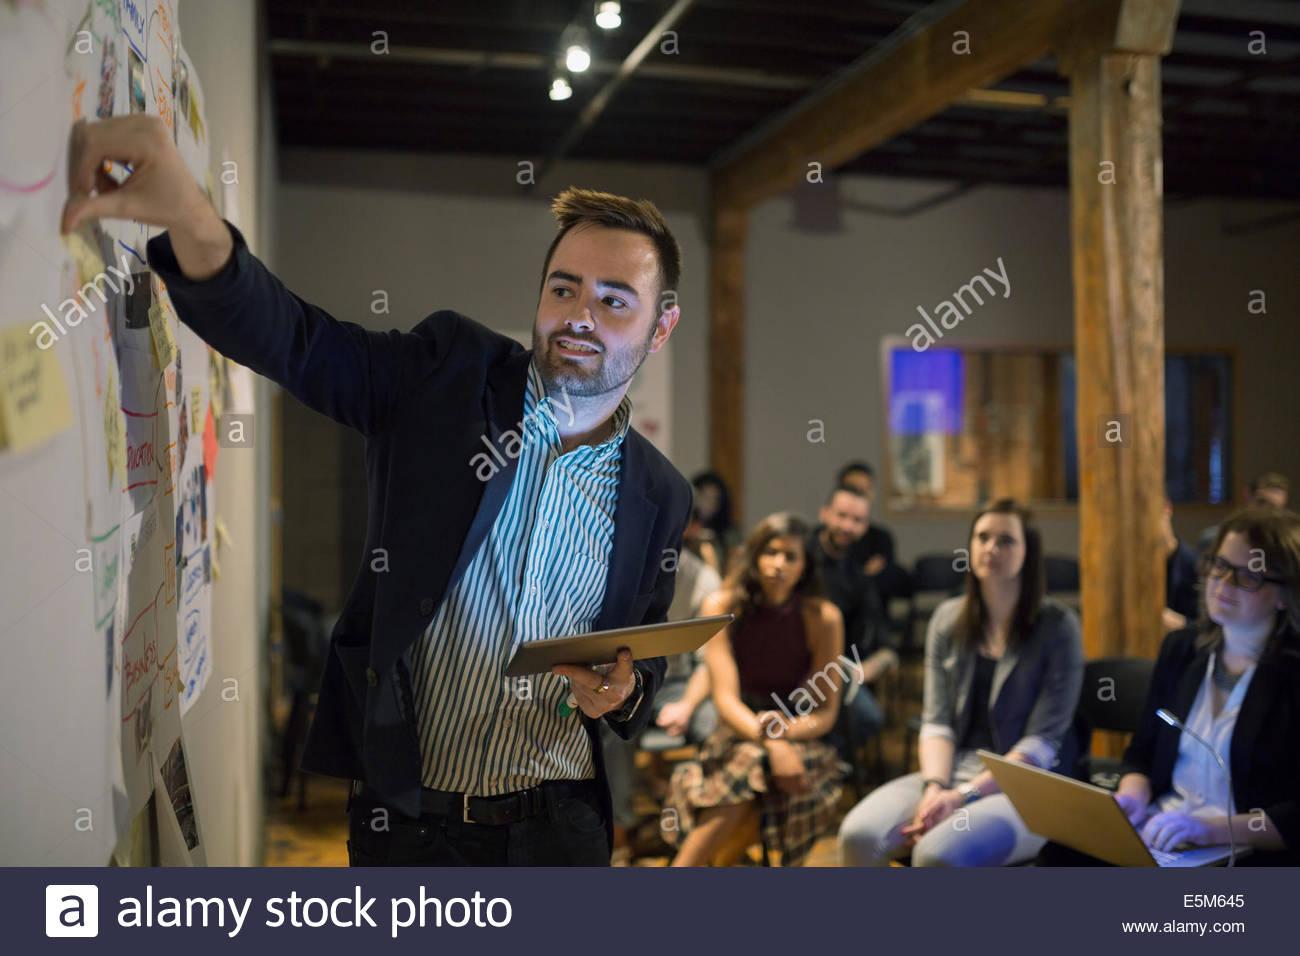 Audience watching speaker lead presentation - Stock Image